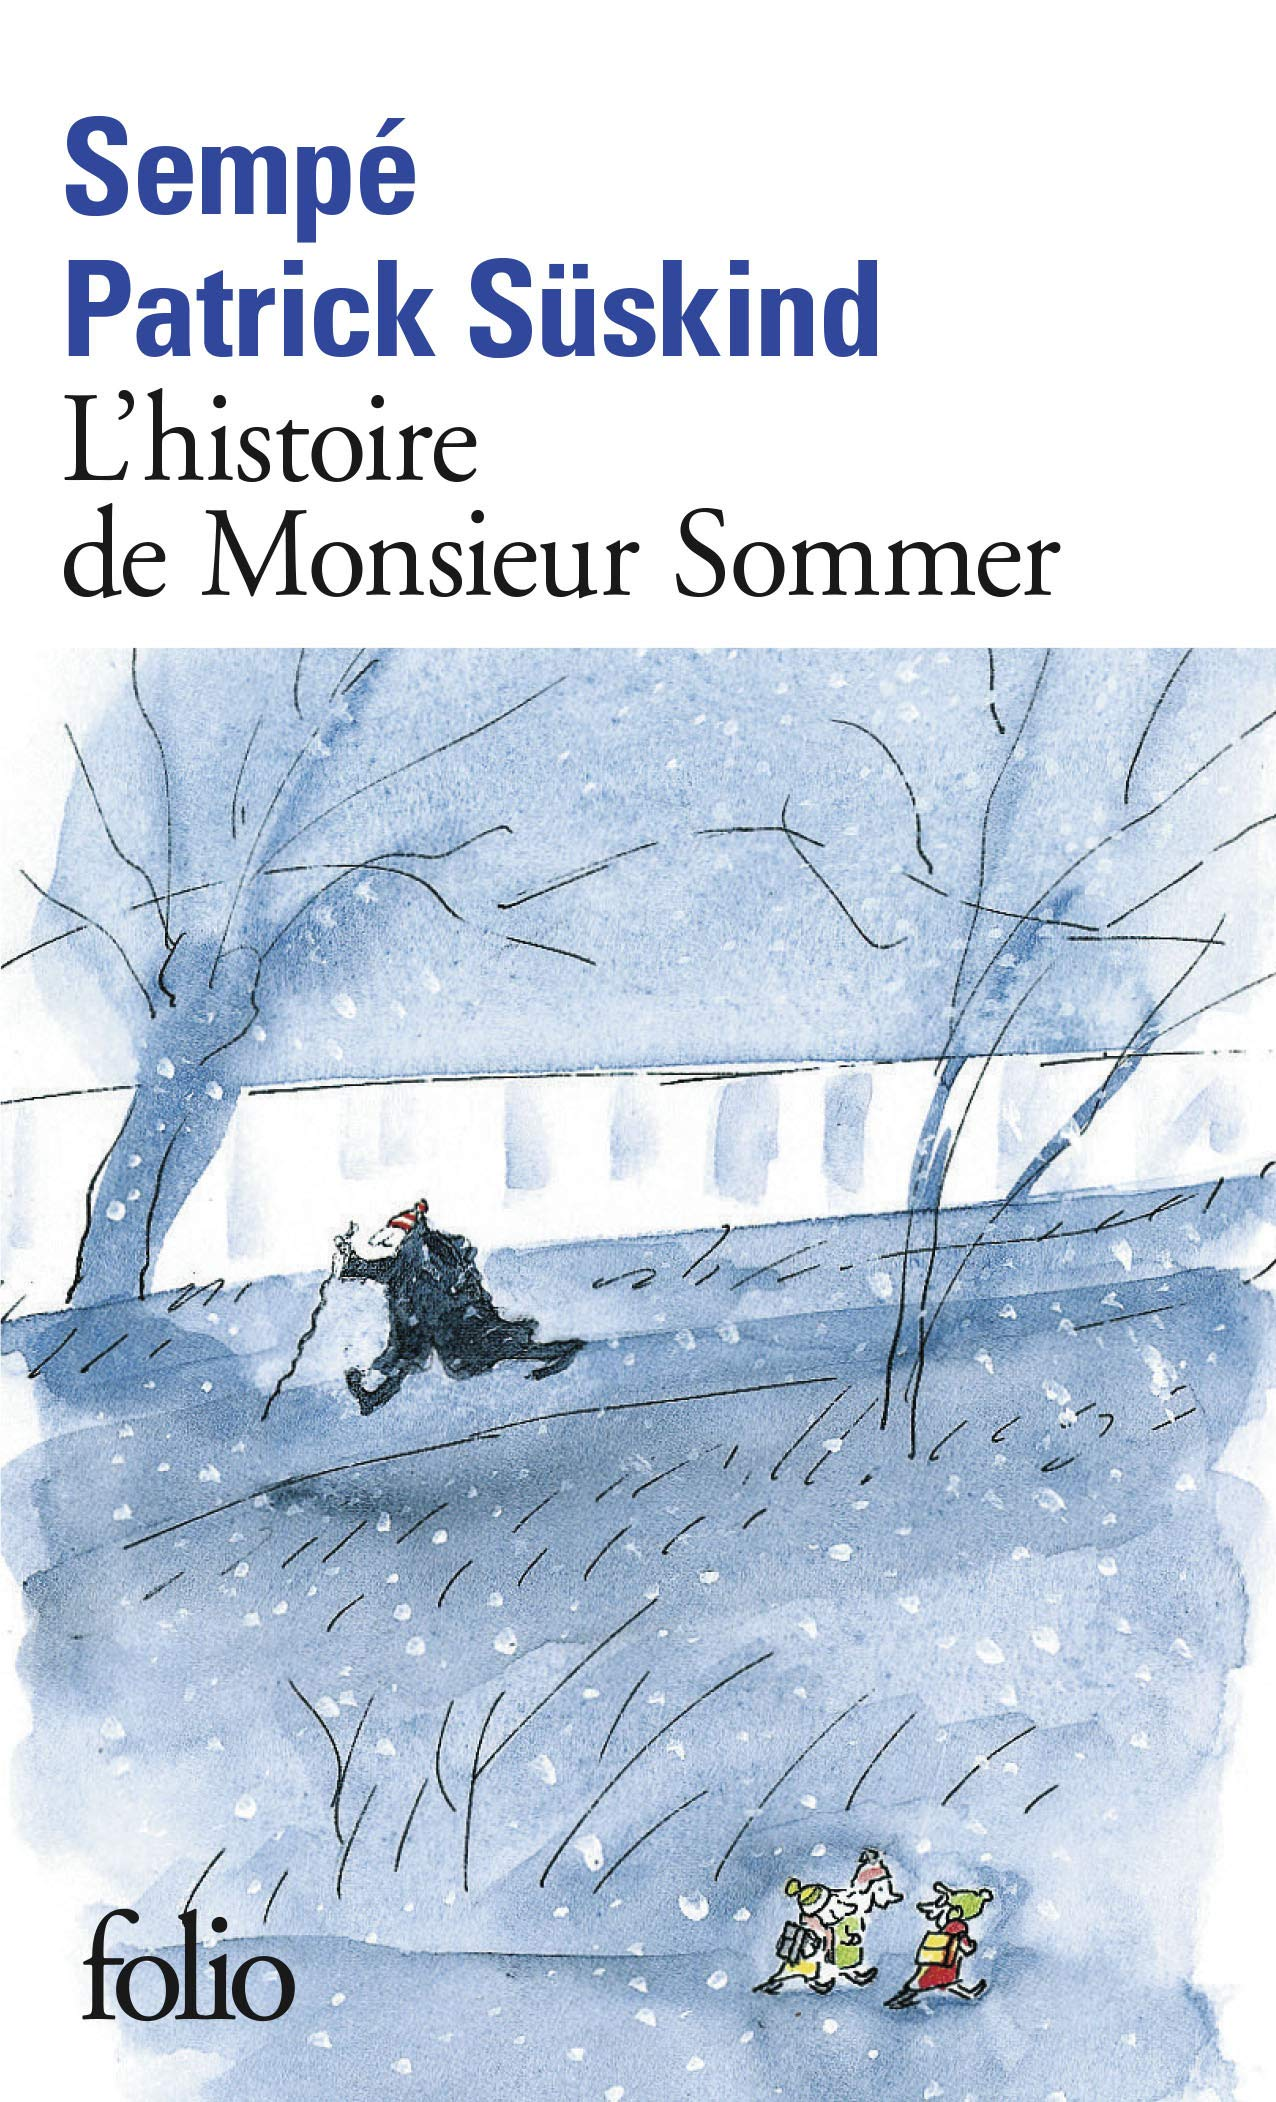 Amazon.fr - L'histoire de Monsieur Sommer - Süskind, Patrick, Sempé, Sempé,  Lortholary, Bernard - Livres